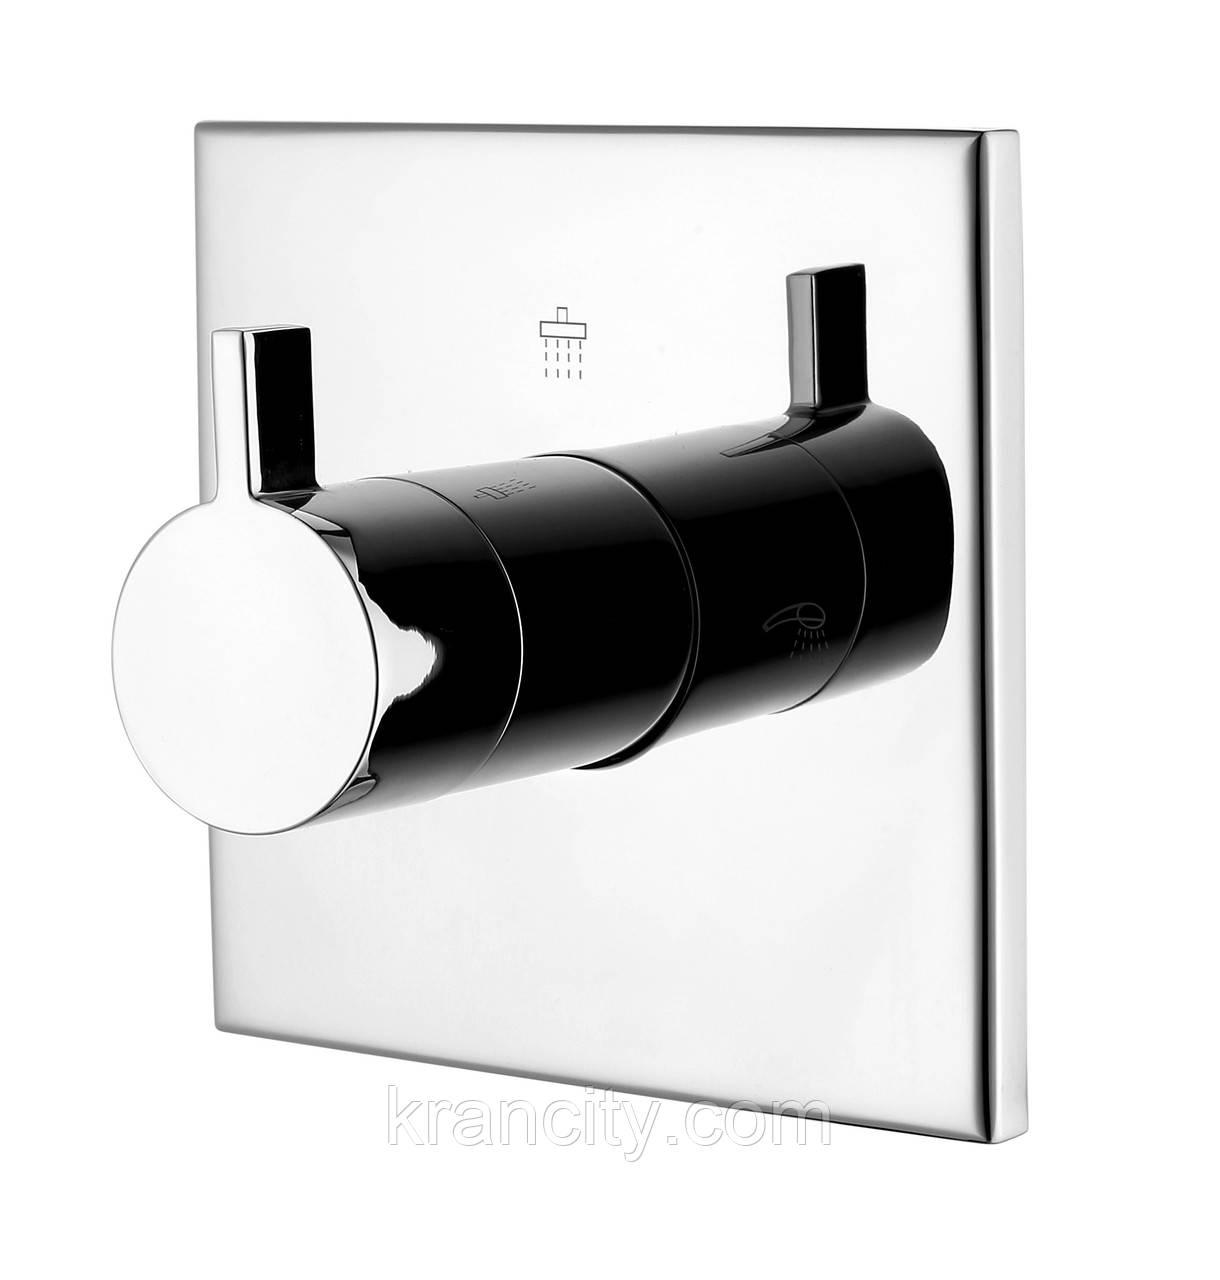 Запорный/переключающий вентиль (3 потребителя), форма S IMPRESE ZAMEK VR-151032,Чехия